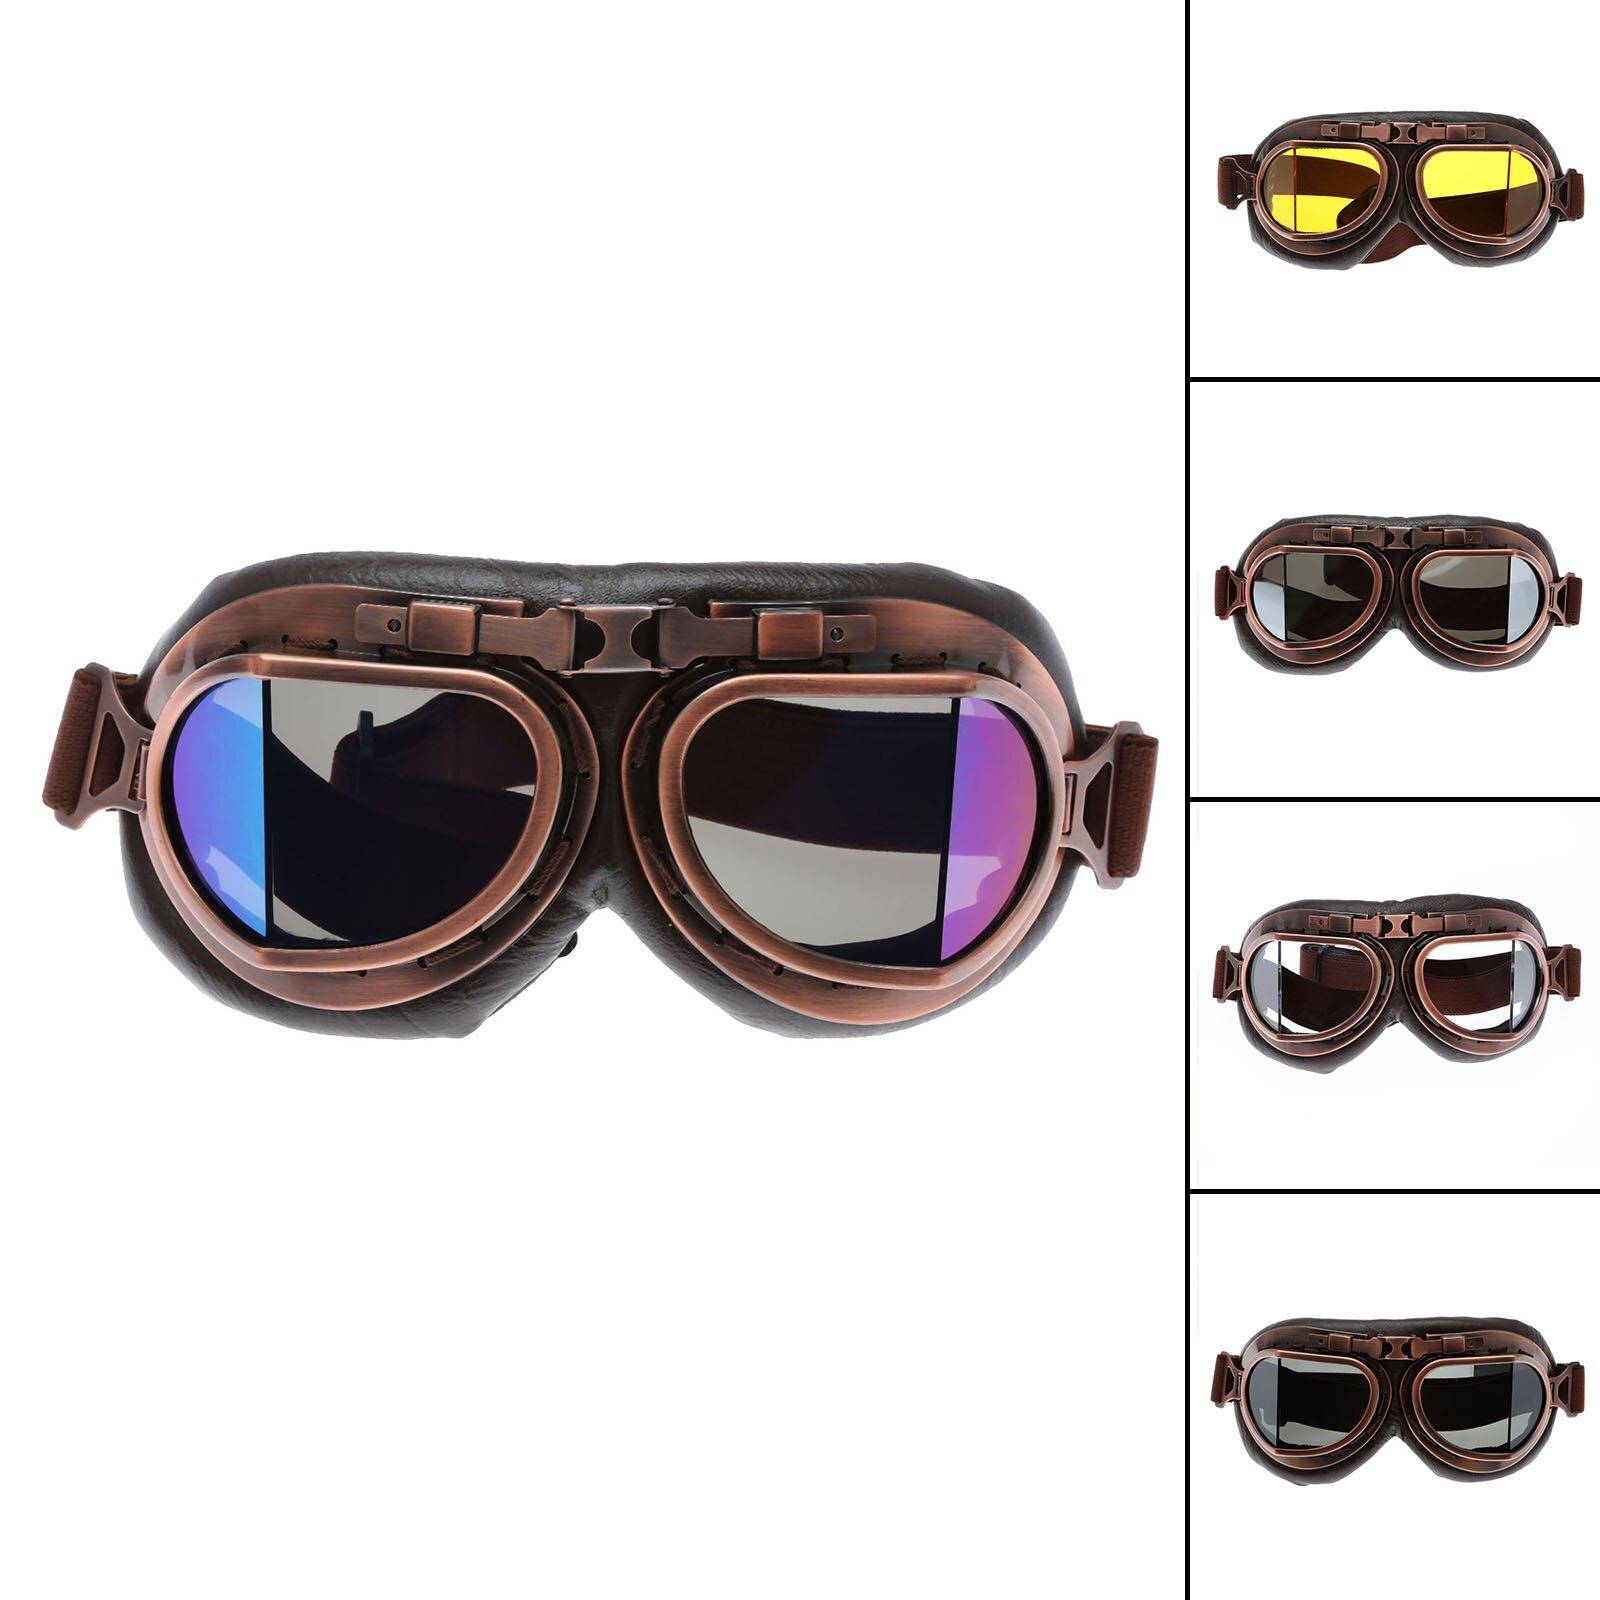 Gafas de motocicleta gafas Vintage Motocross clásico gafas Retro aviador piloto Cruiser Steampunk ATV bicicleta UV protección cobre